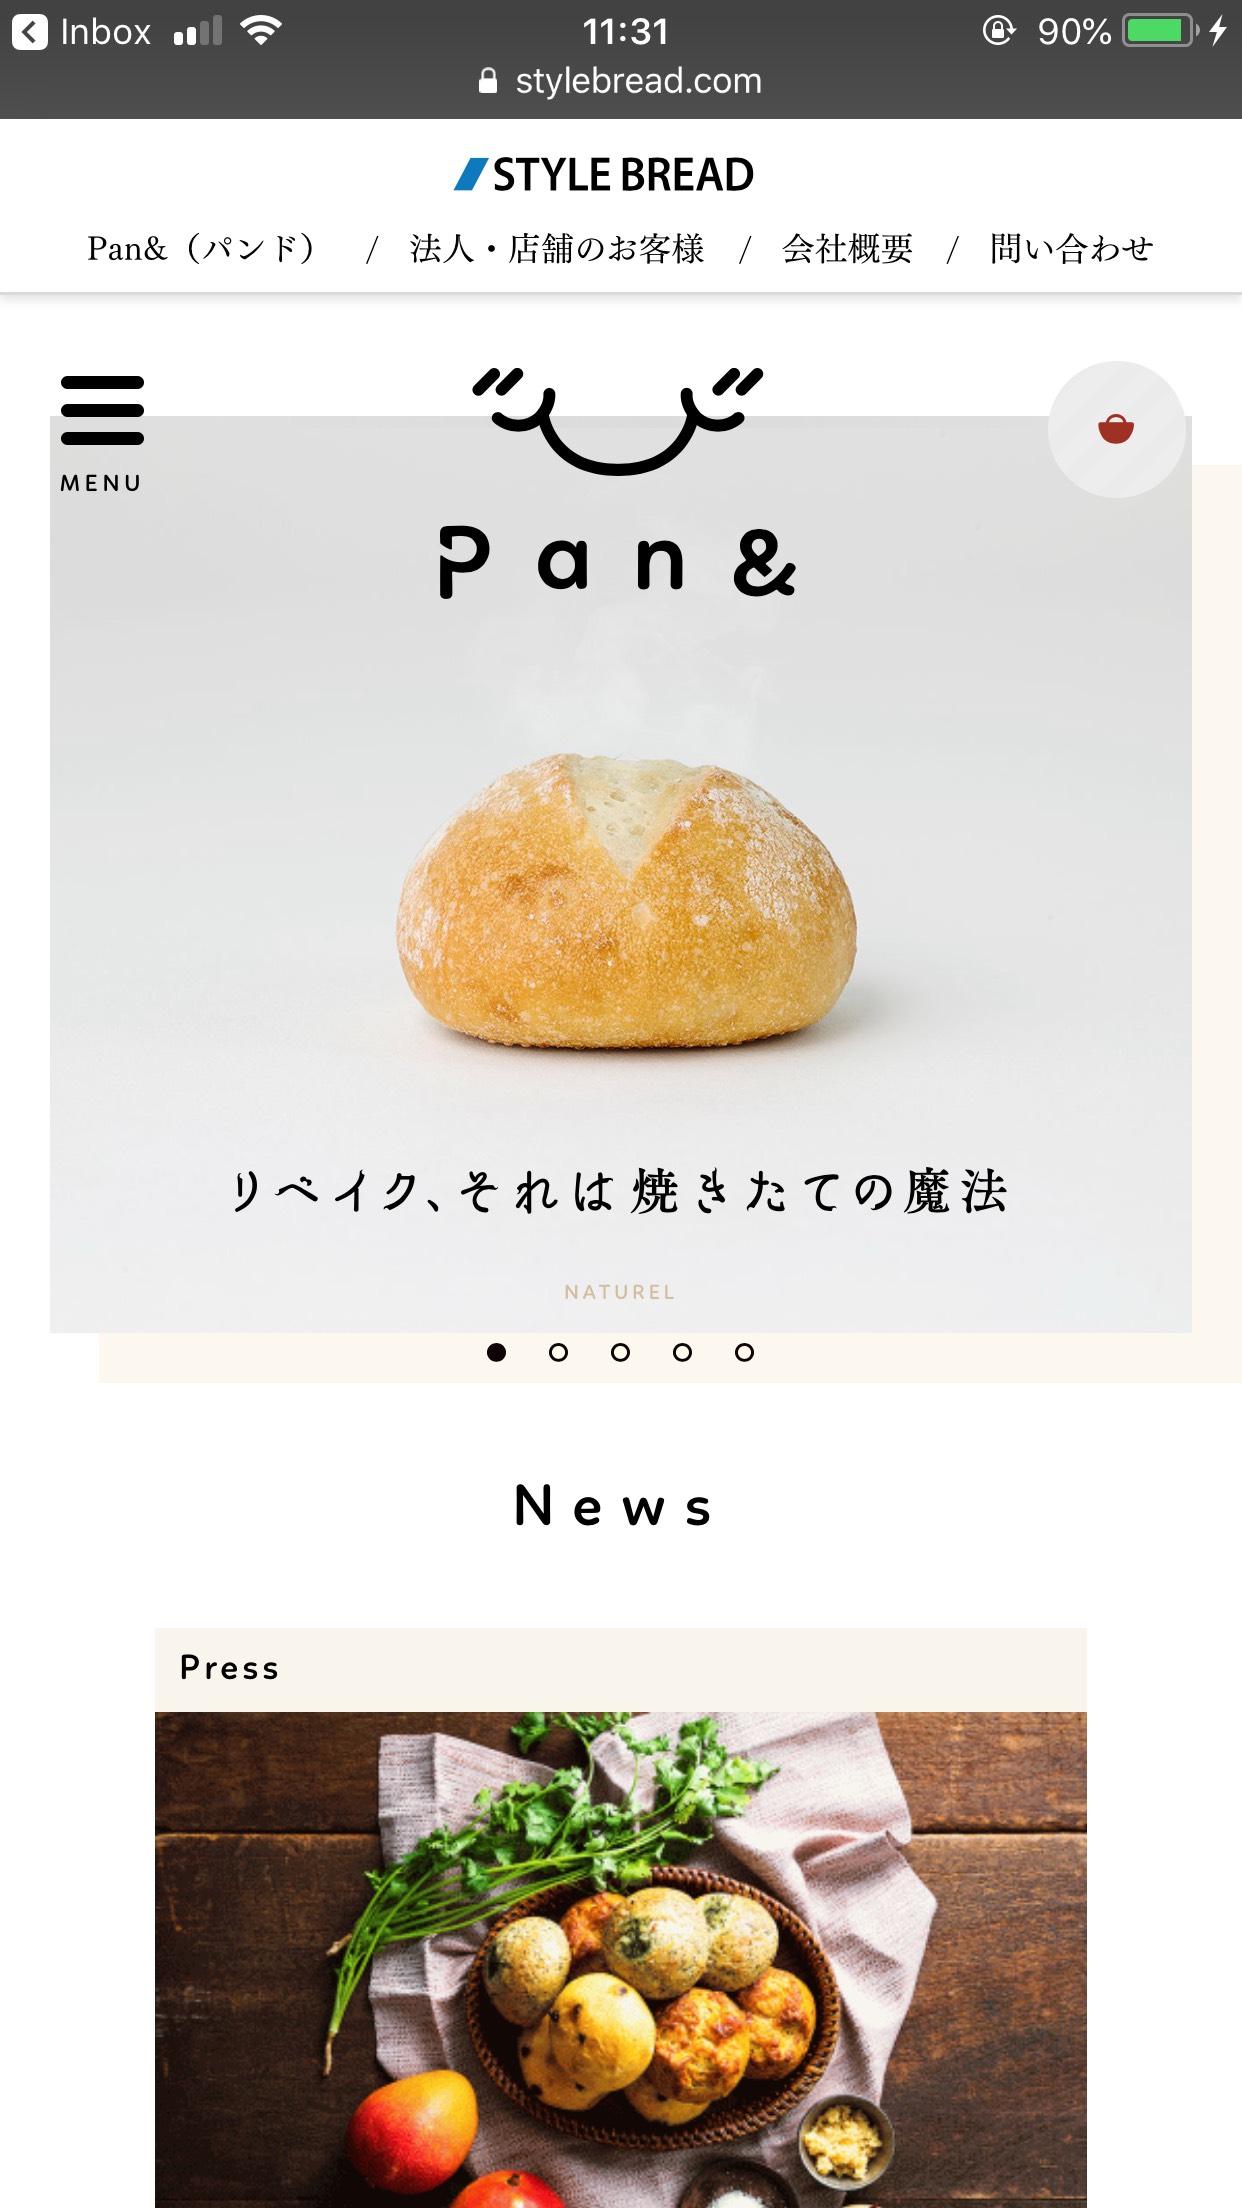 Pan& パンド/焼きたて冷凍パン|STYLE BREAD